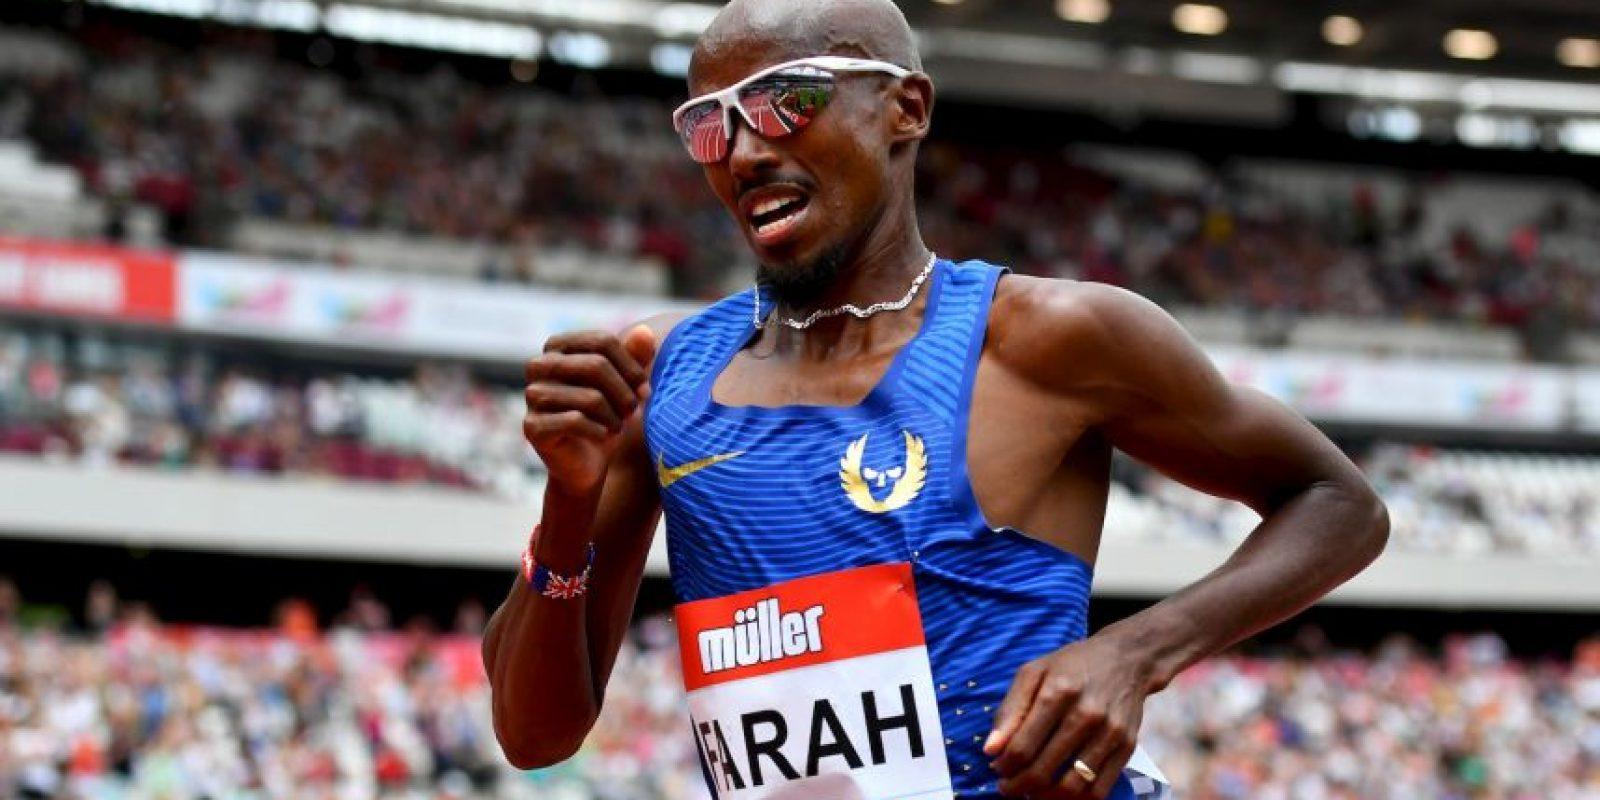 Mo Farah (atletismo): El británico es el gran fondista de la actualidad y en Londres 2012 sumó el doblete de oro en los 5000 y 10000 metros. Luego, revalidó sus marcas en los Mundiales de Moscú 2013 y Beijing 2015, siendo el gran favorito en Rio y así seguir destronando a los africanos. Foto:Getty Images